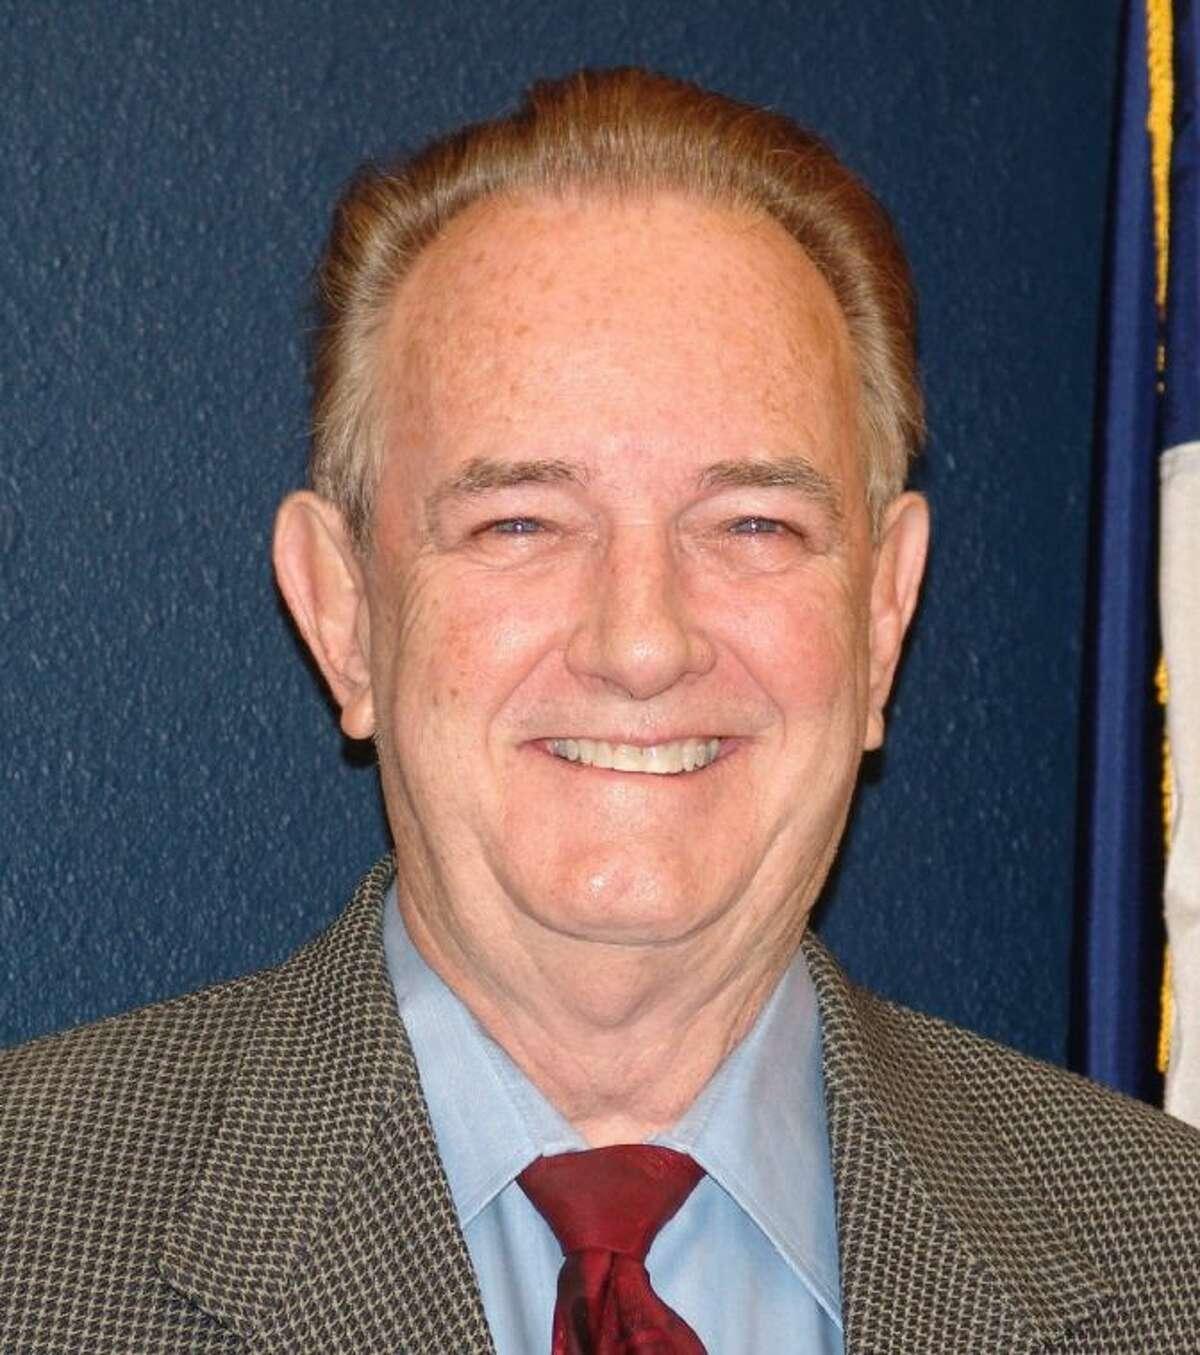 Johnny Isbell